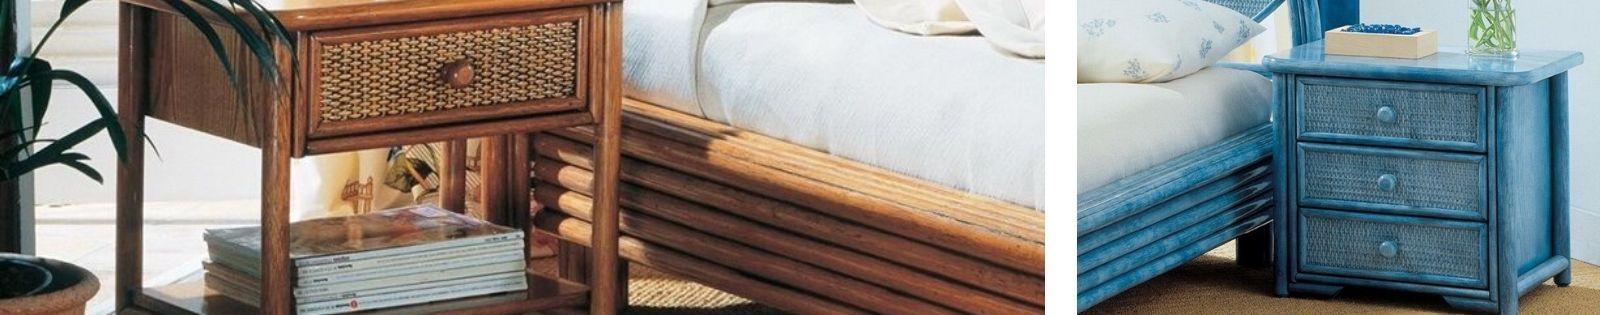 Chevets en rotin Haut de gamme de fabrication Espagnole - Le Monde du Lit